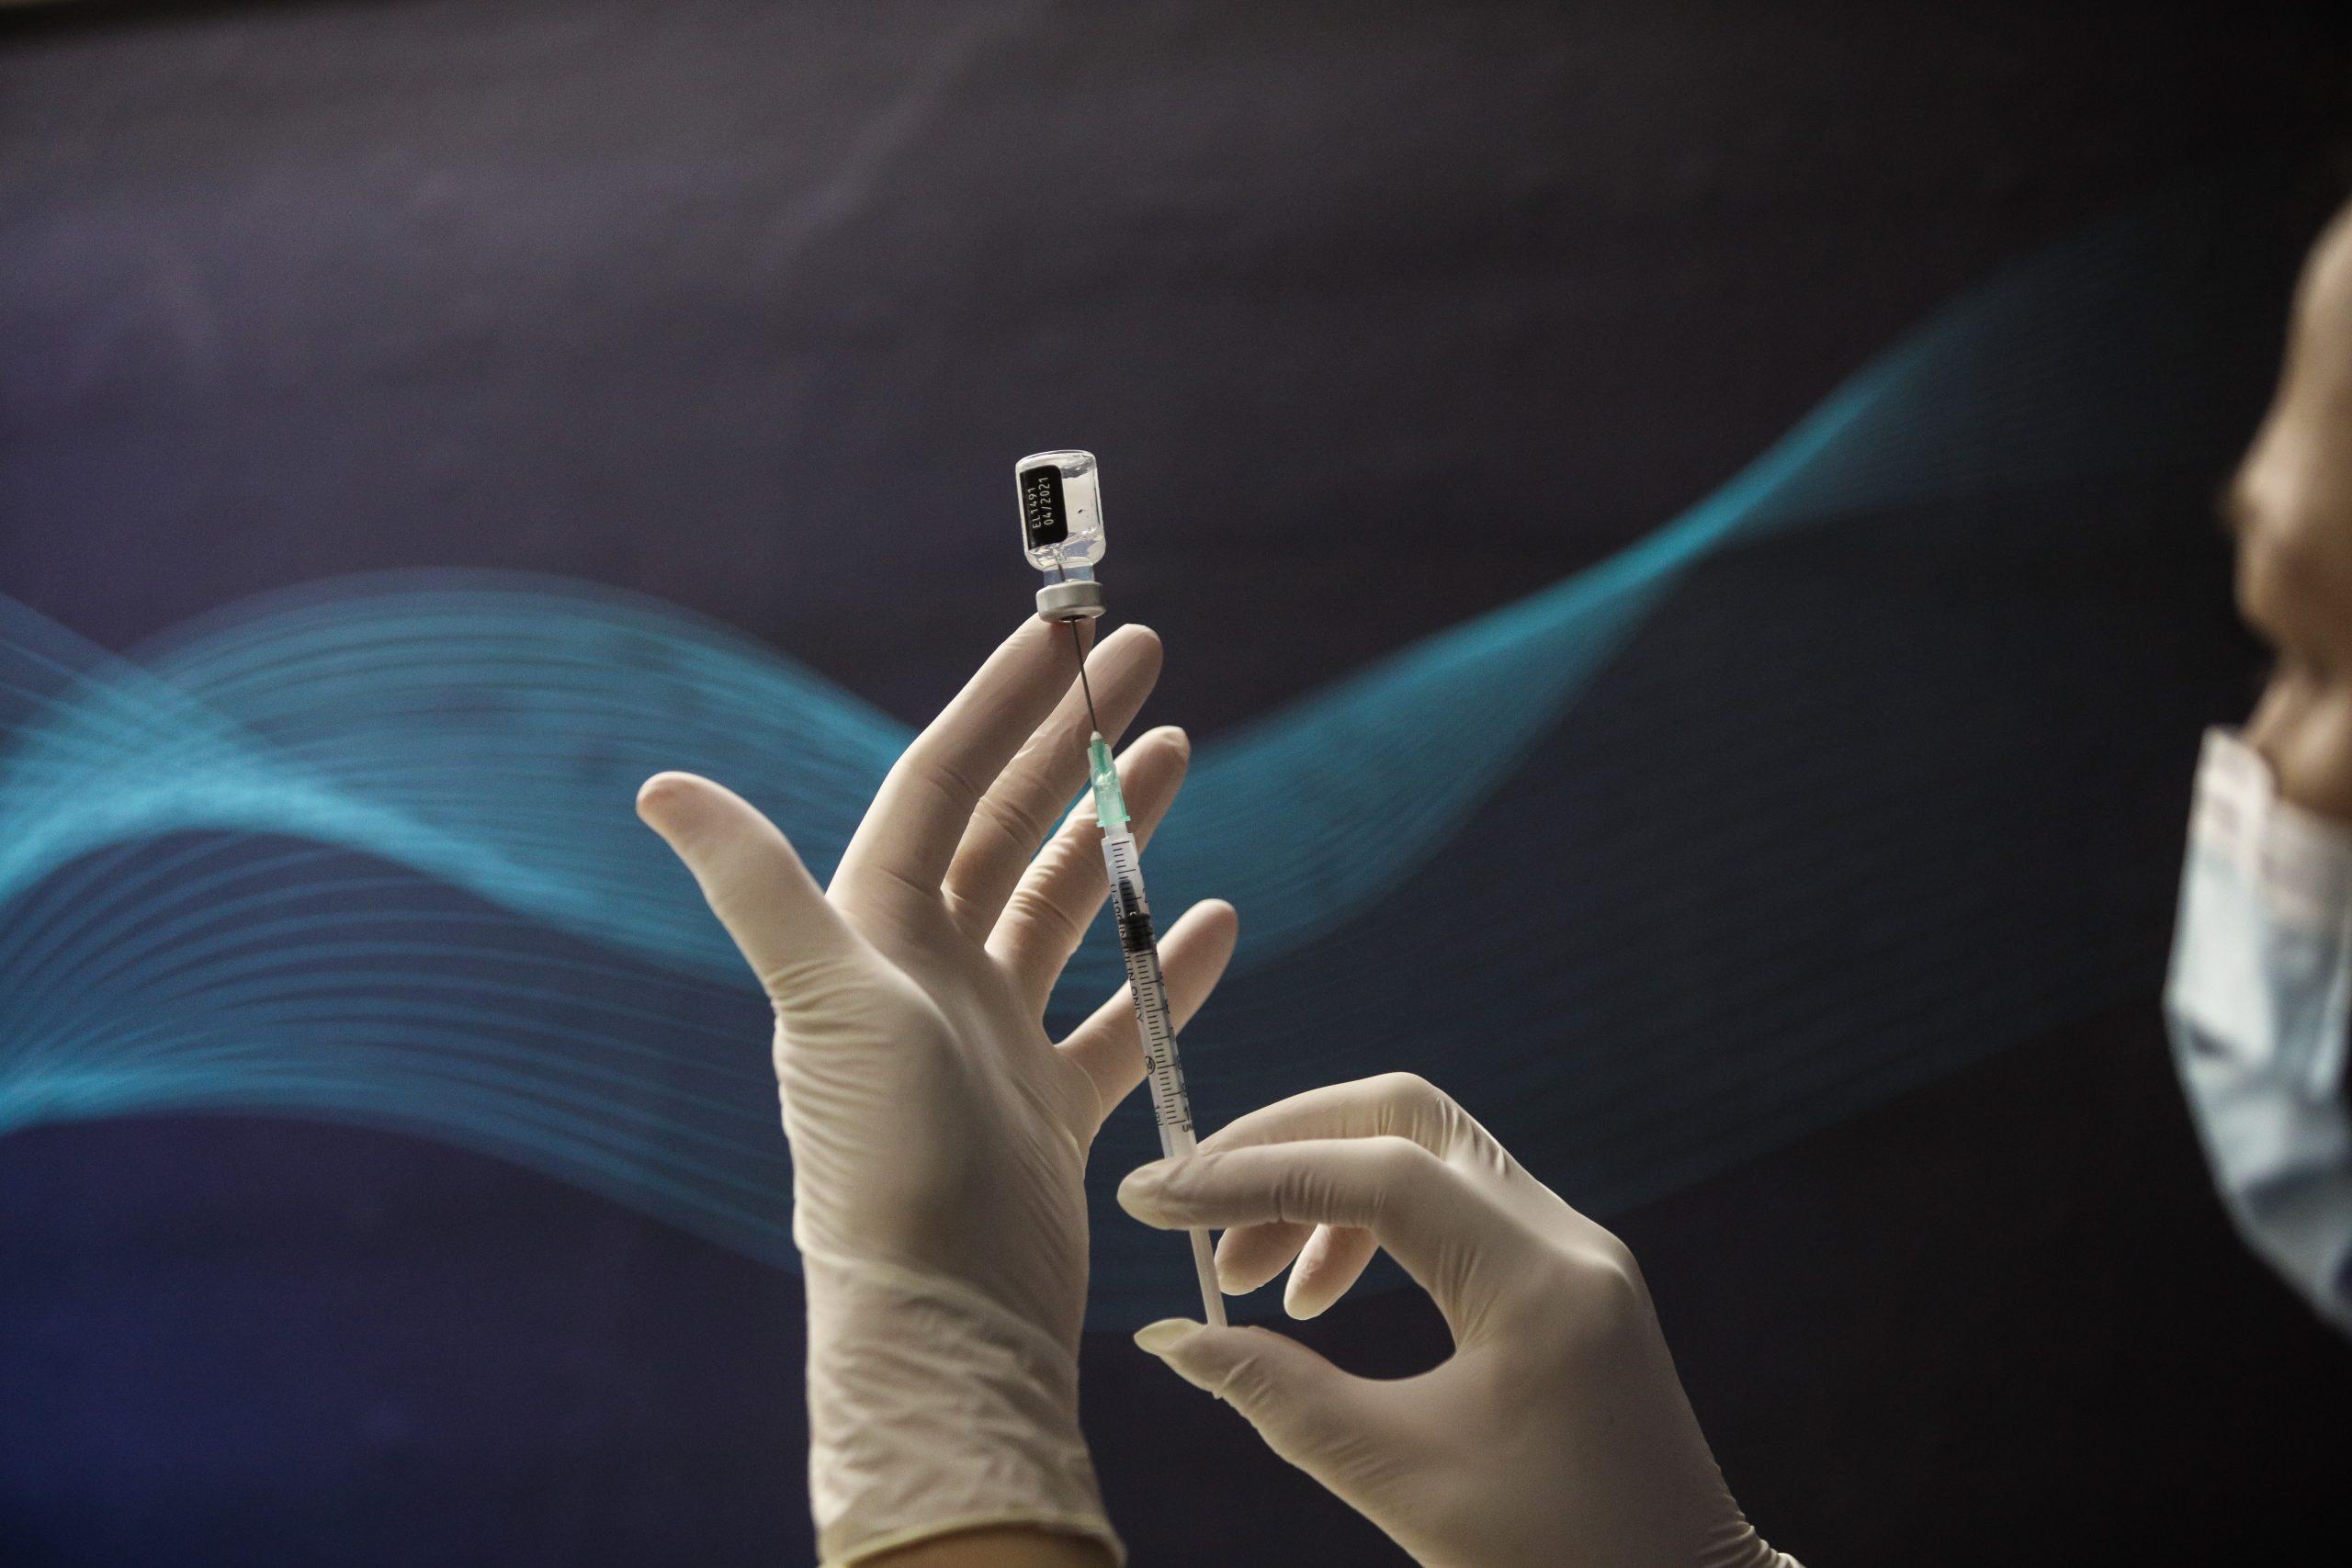 Συμφωνία κολοσσών στις ΗΠΑ για διπλάσια παραγωγή εμβολίων